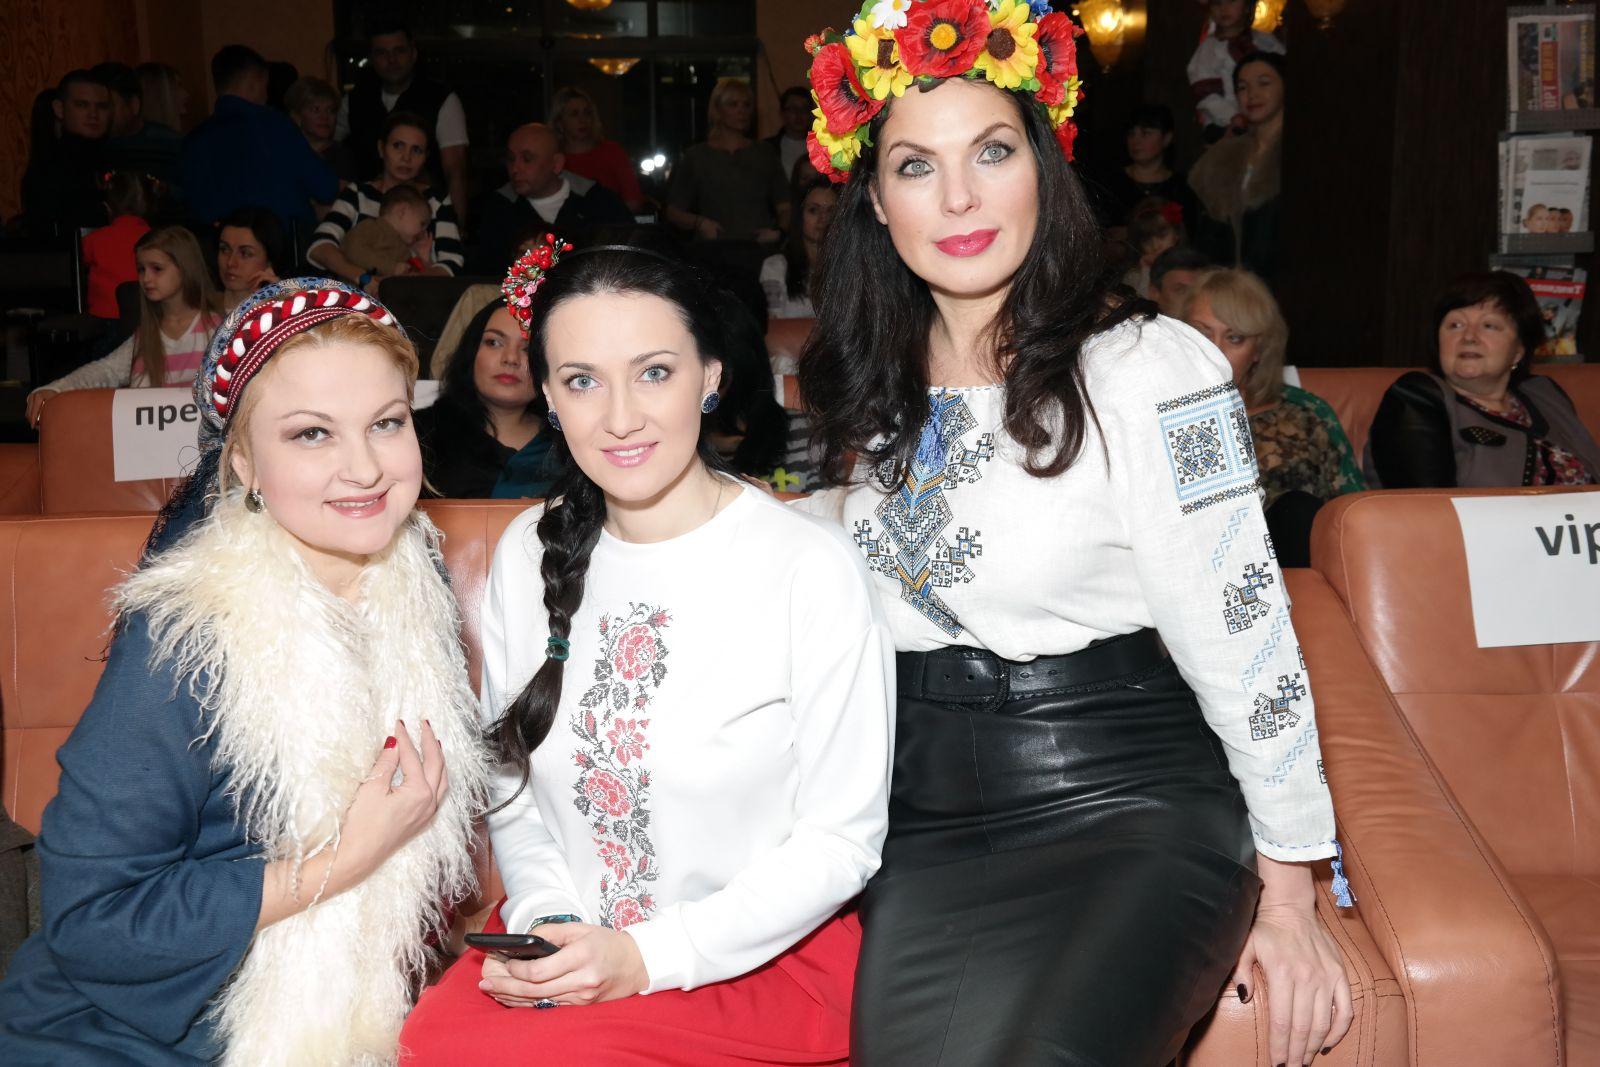 Мария Бурмака, Соломия Витвицкая и Влада Литовченко